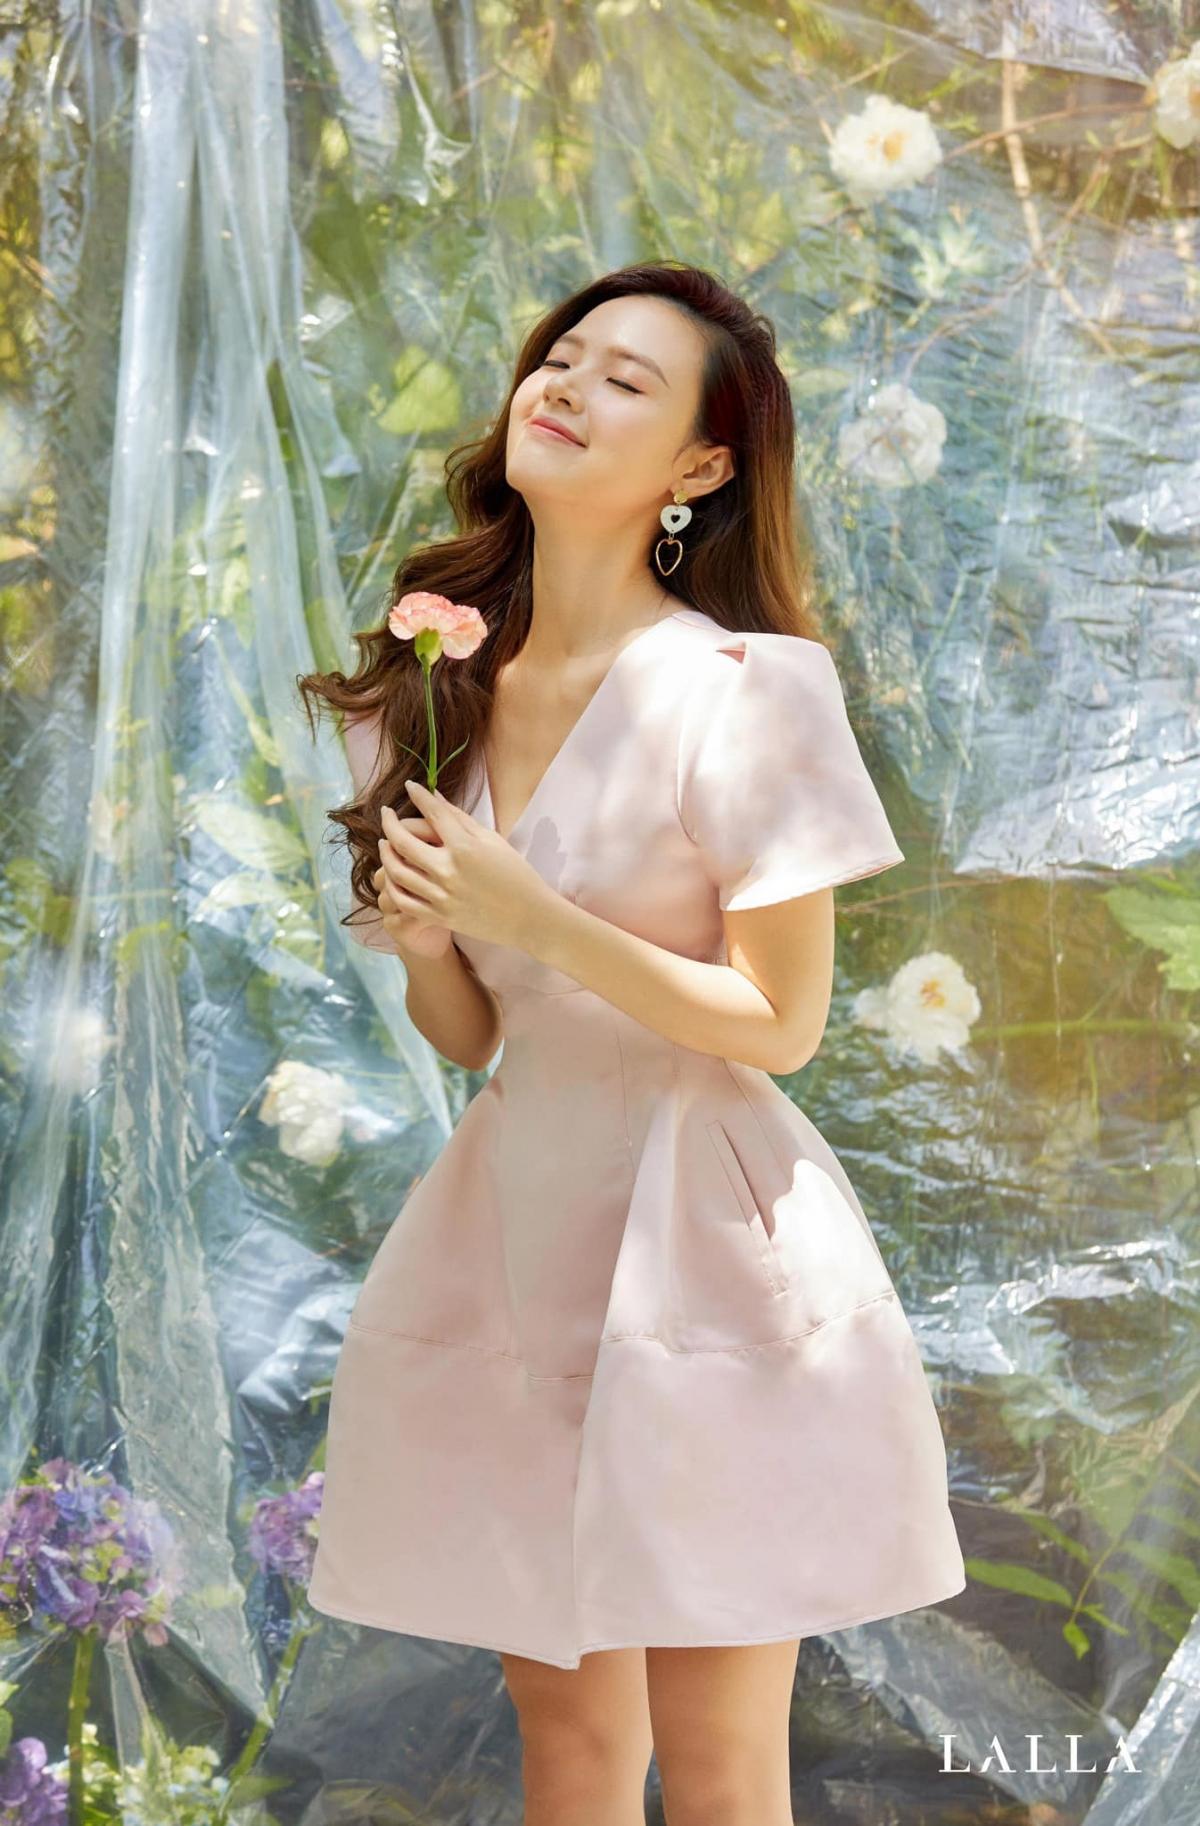 Bên cạnh sự nghiệp diễn xuất, Midu còn đảm nhận vai trò giảng viên chuyên ngành thiết kế thời trang của trường đại học Công nghệ TP.HCM. Không chỉ vậy, cô nàng còn được nhiều người ngưỡng mộ khi làm rất tốt trong lĩnh vực kinh doanh. Nữ diễn viên nắm trong tay khối tài sản đáng mơ ước.